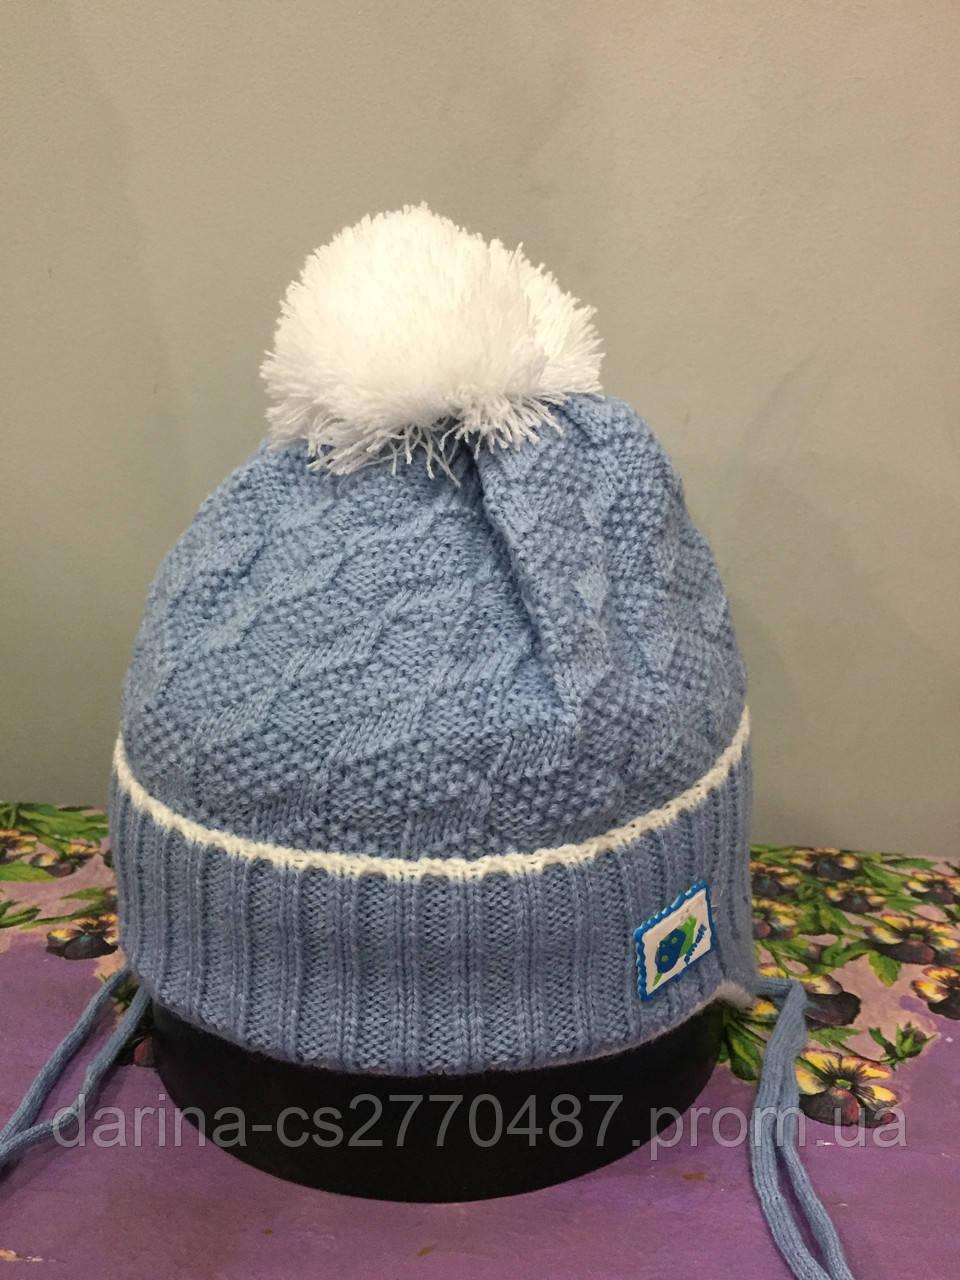 Теплая шапка на завязках для мальчика